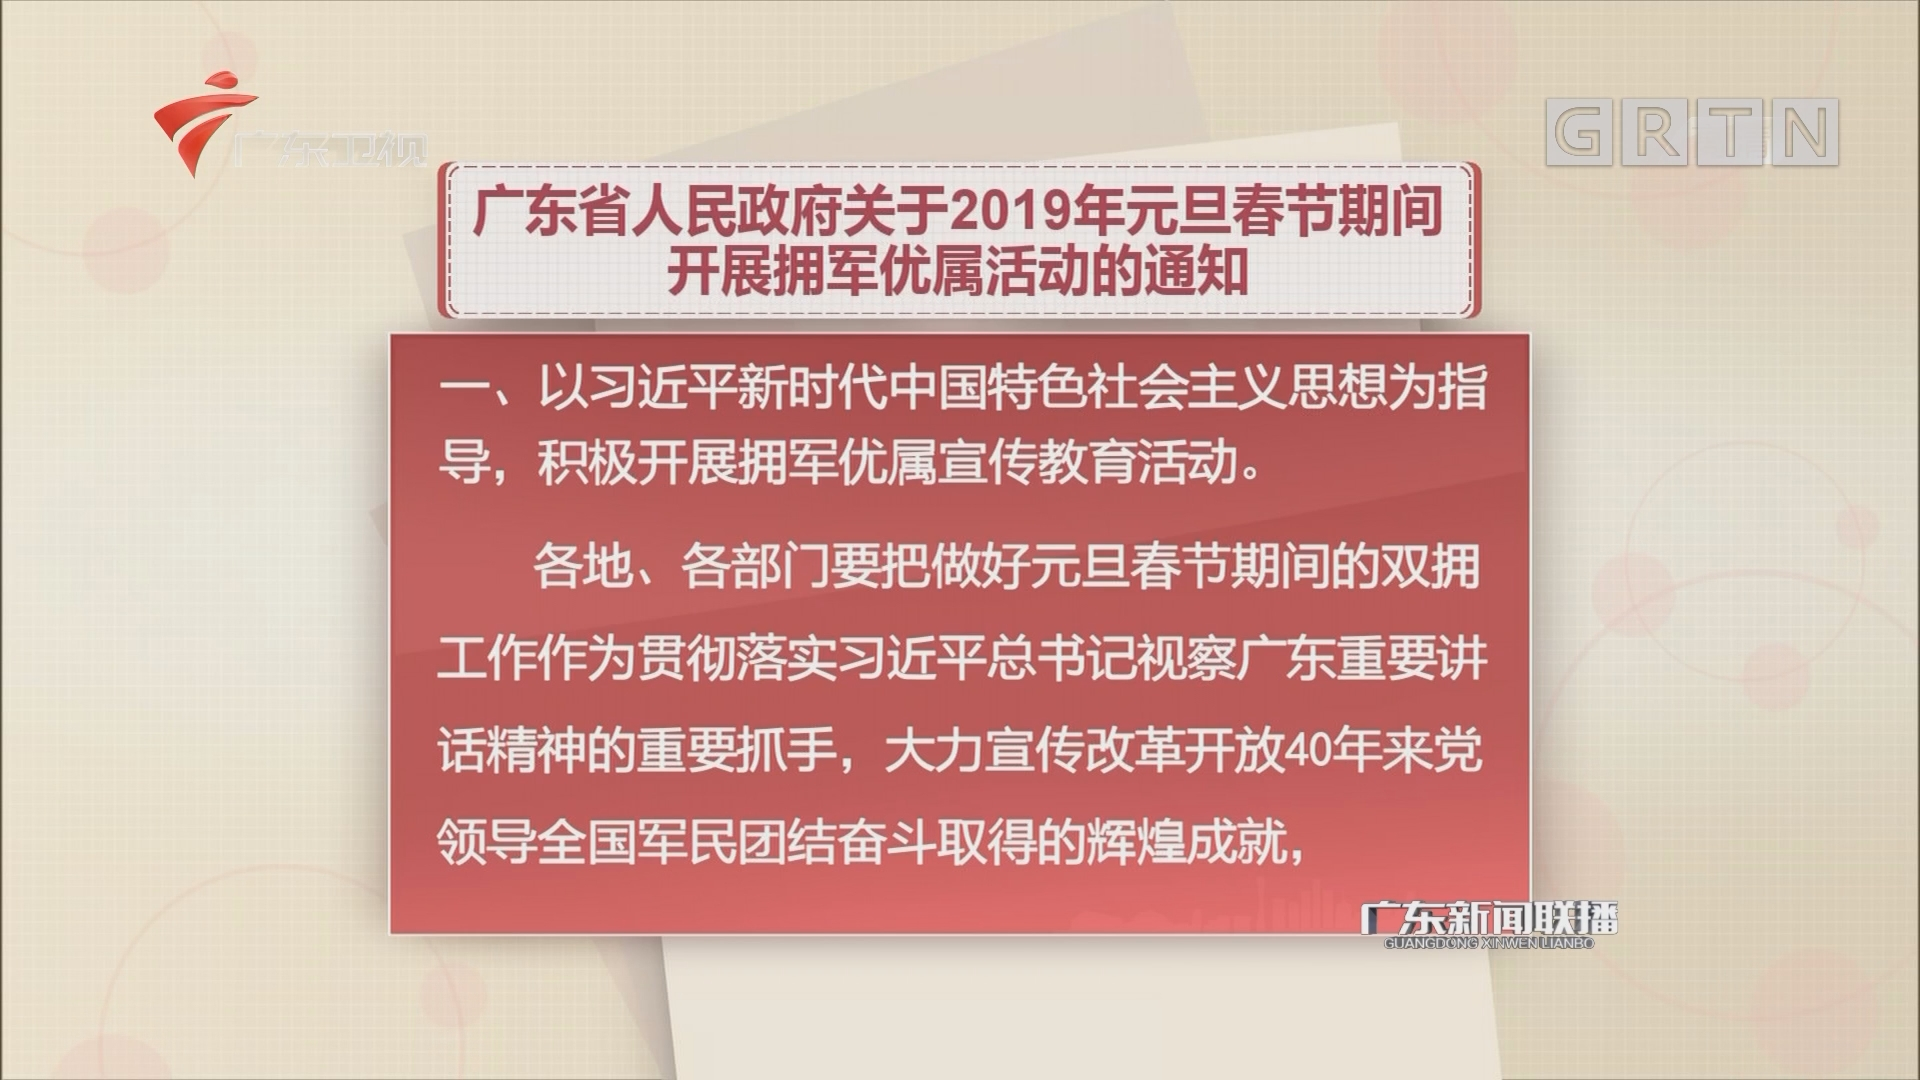 广东省人民政府关于2019年元旦春节期间开展拥军优属活动的通知